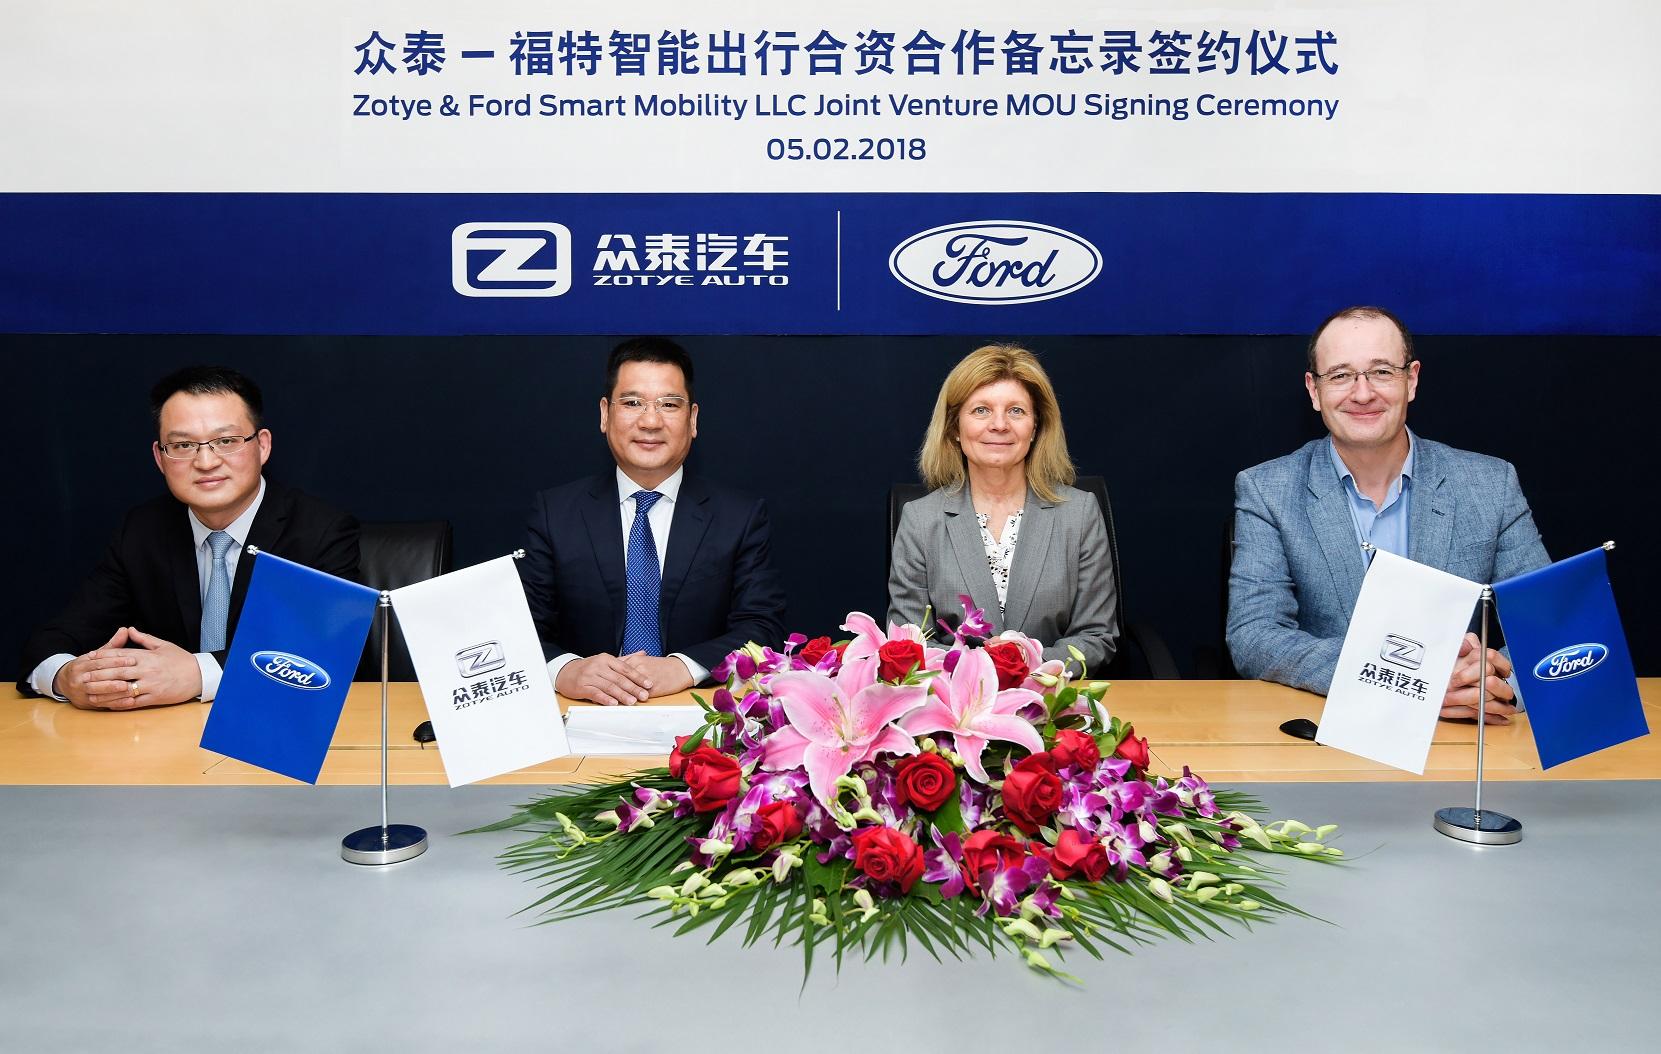 福特智能出行与众泰汽车拟组建新合资公司